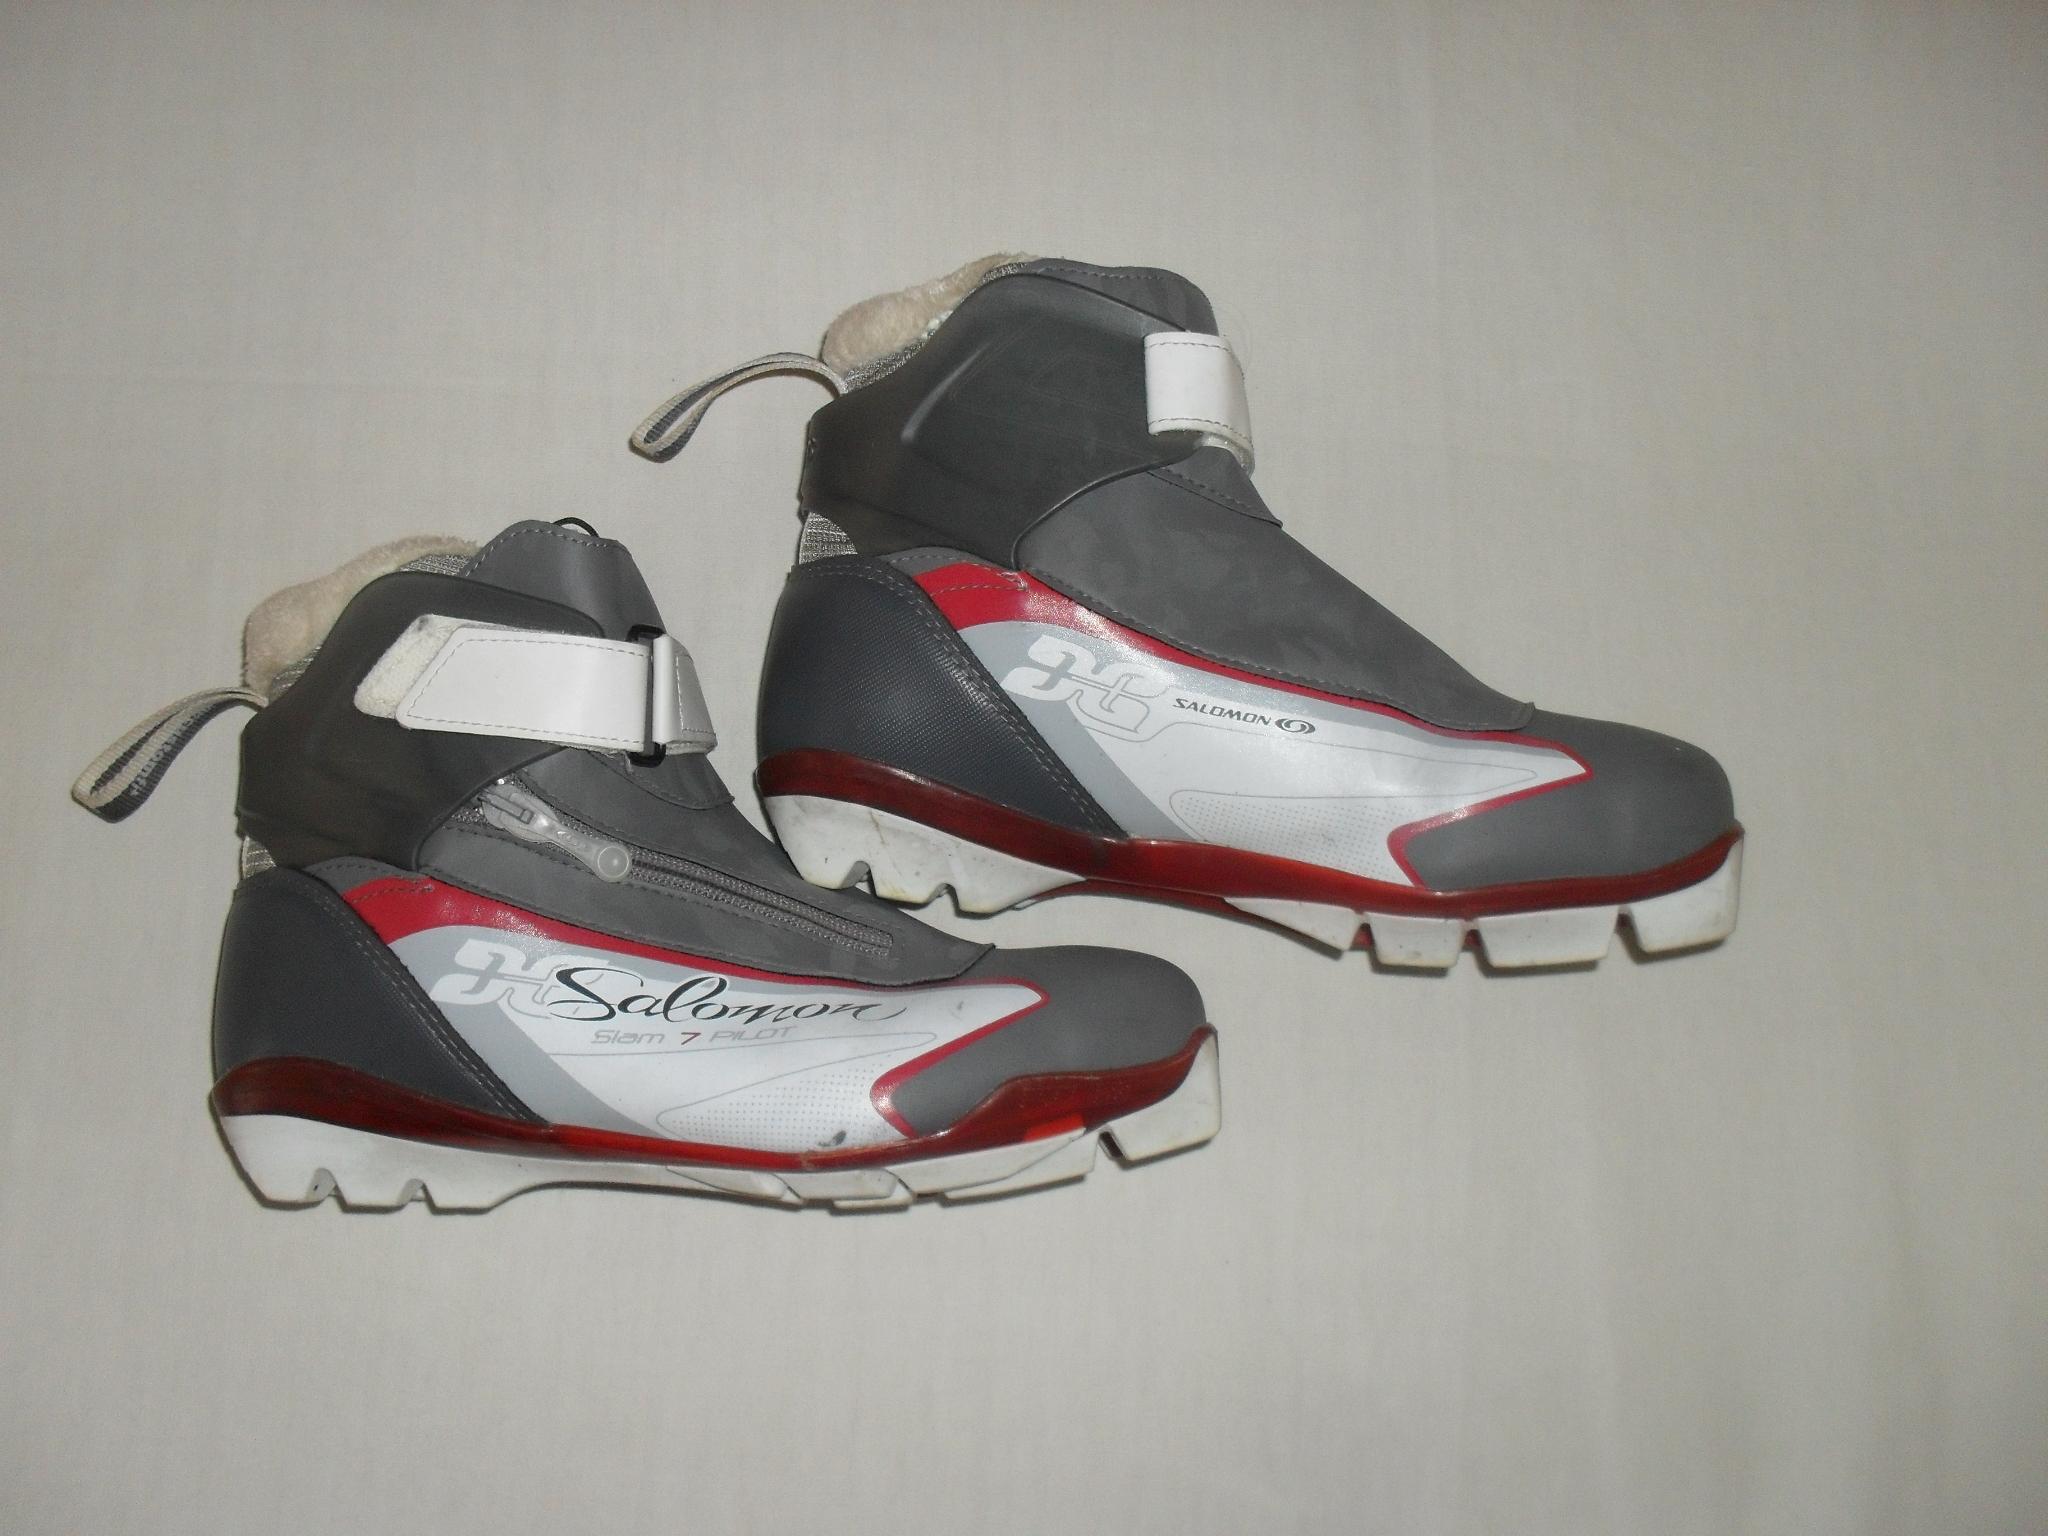 Prodám boty na běžky Salomon Siam 7Pilot - Bazar - Běžky.net ce257cdab2